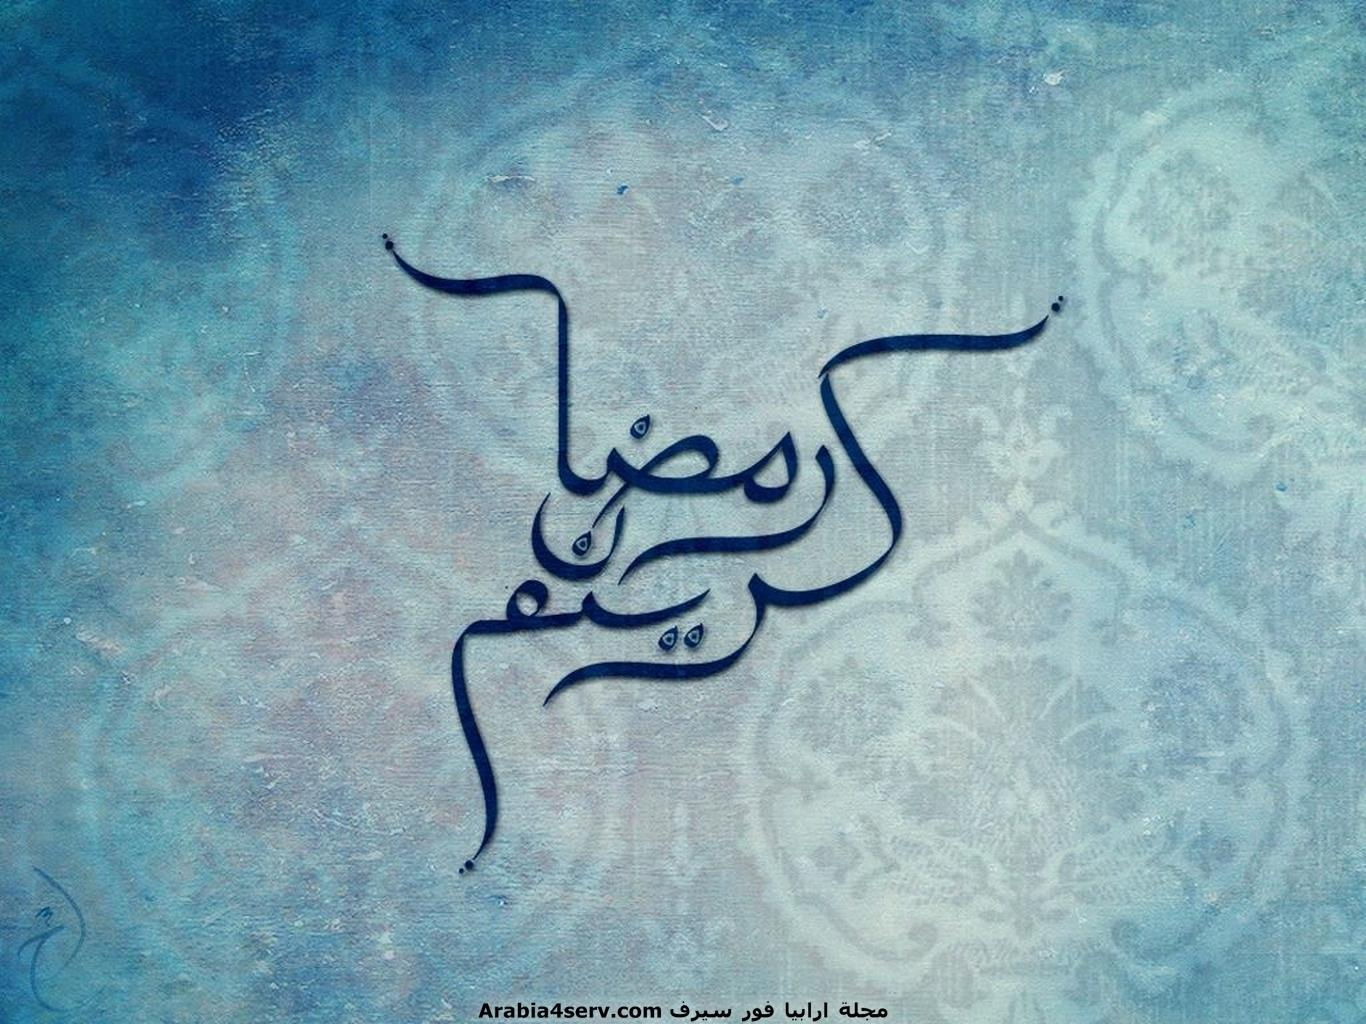 خلفيات-شهر-رمضان-الكريم-9